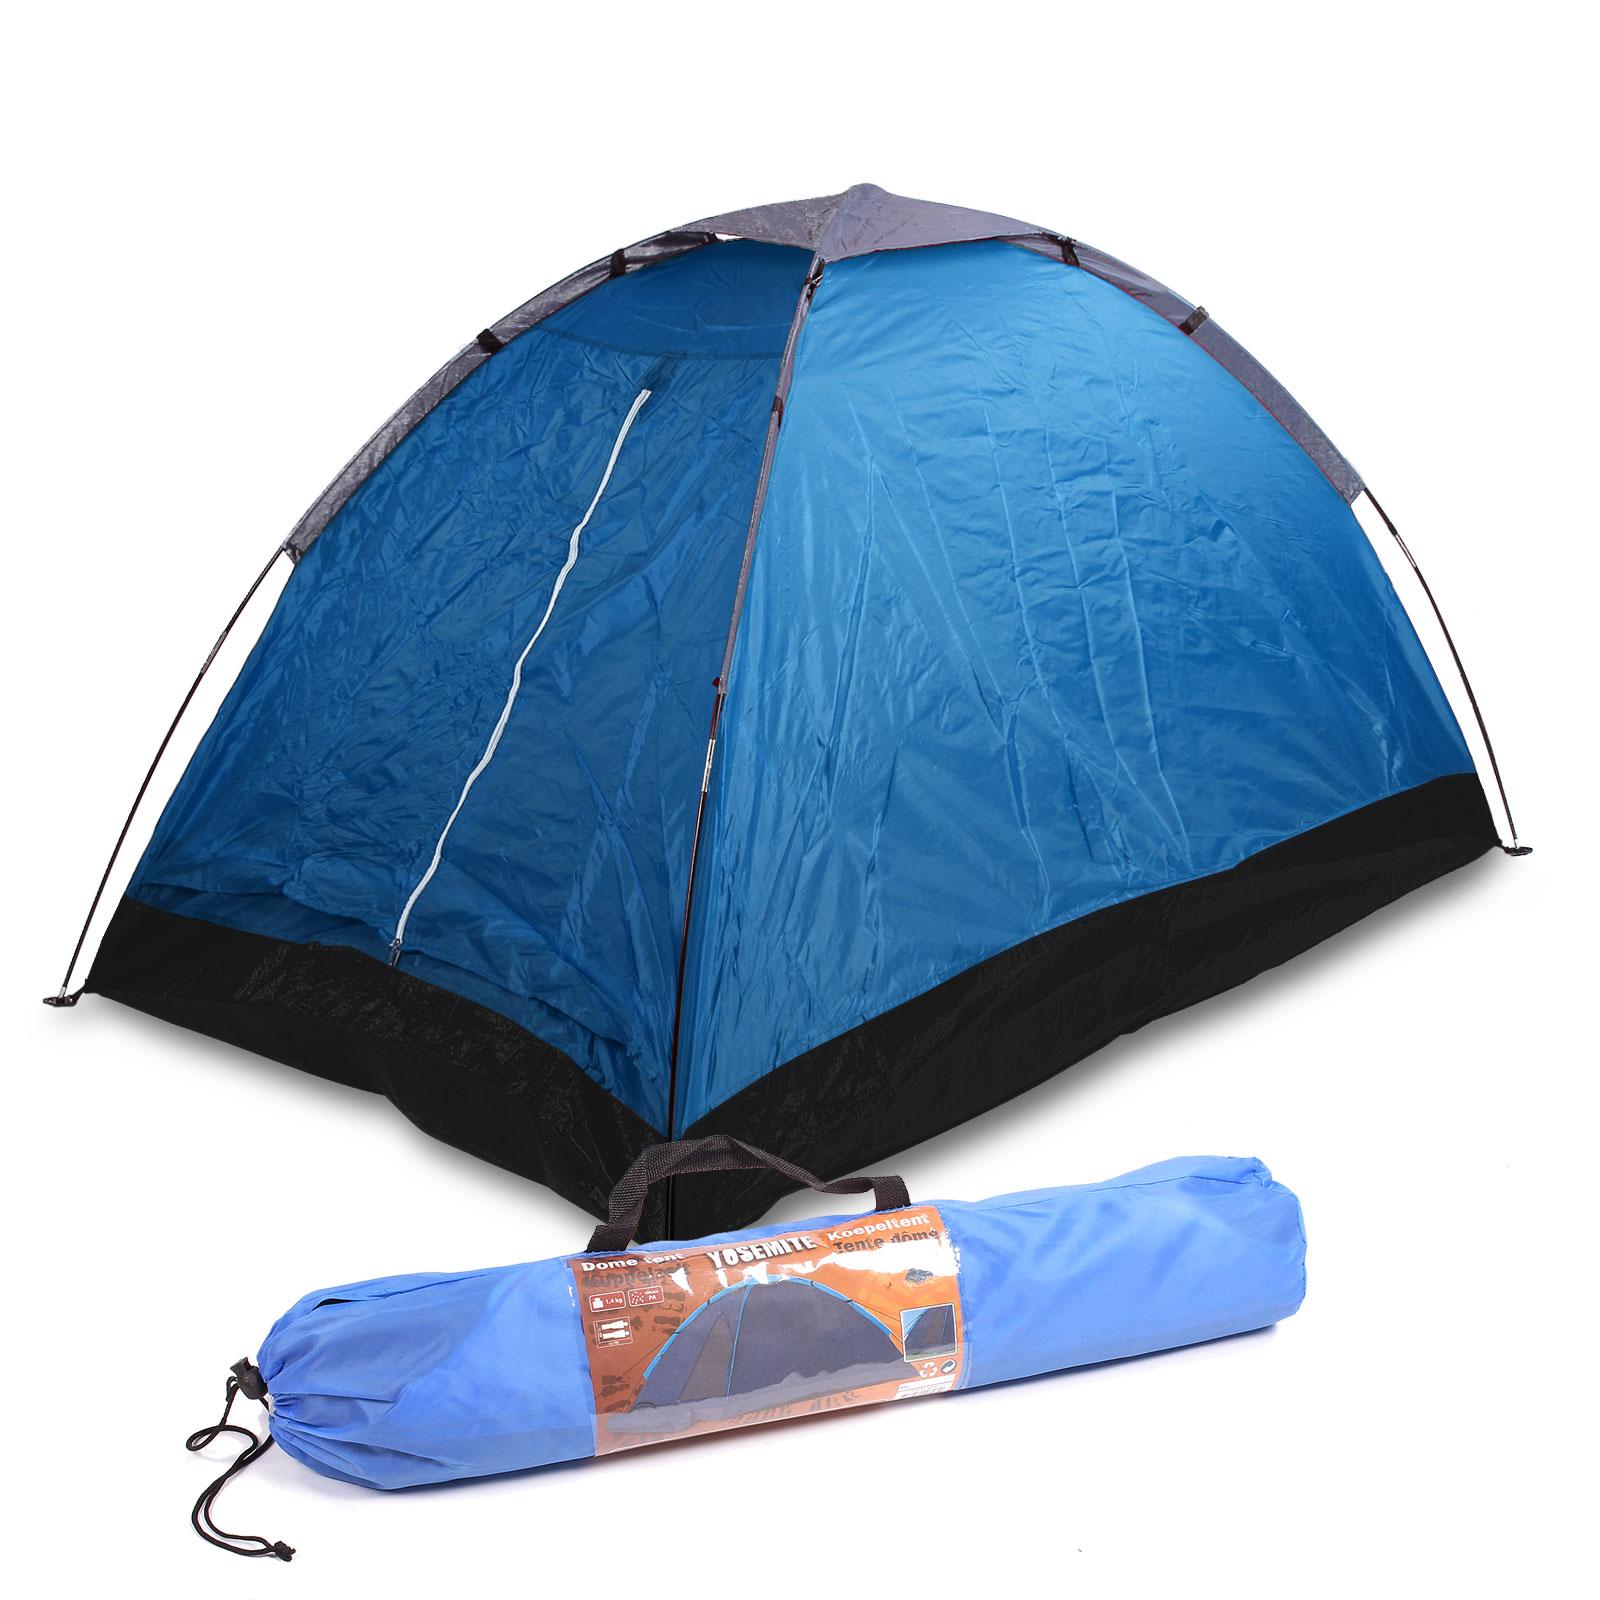 Kuppelzelt für 2 Personen, (LxBxH) 2,00 x 1,20 x 1,00 m, blau